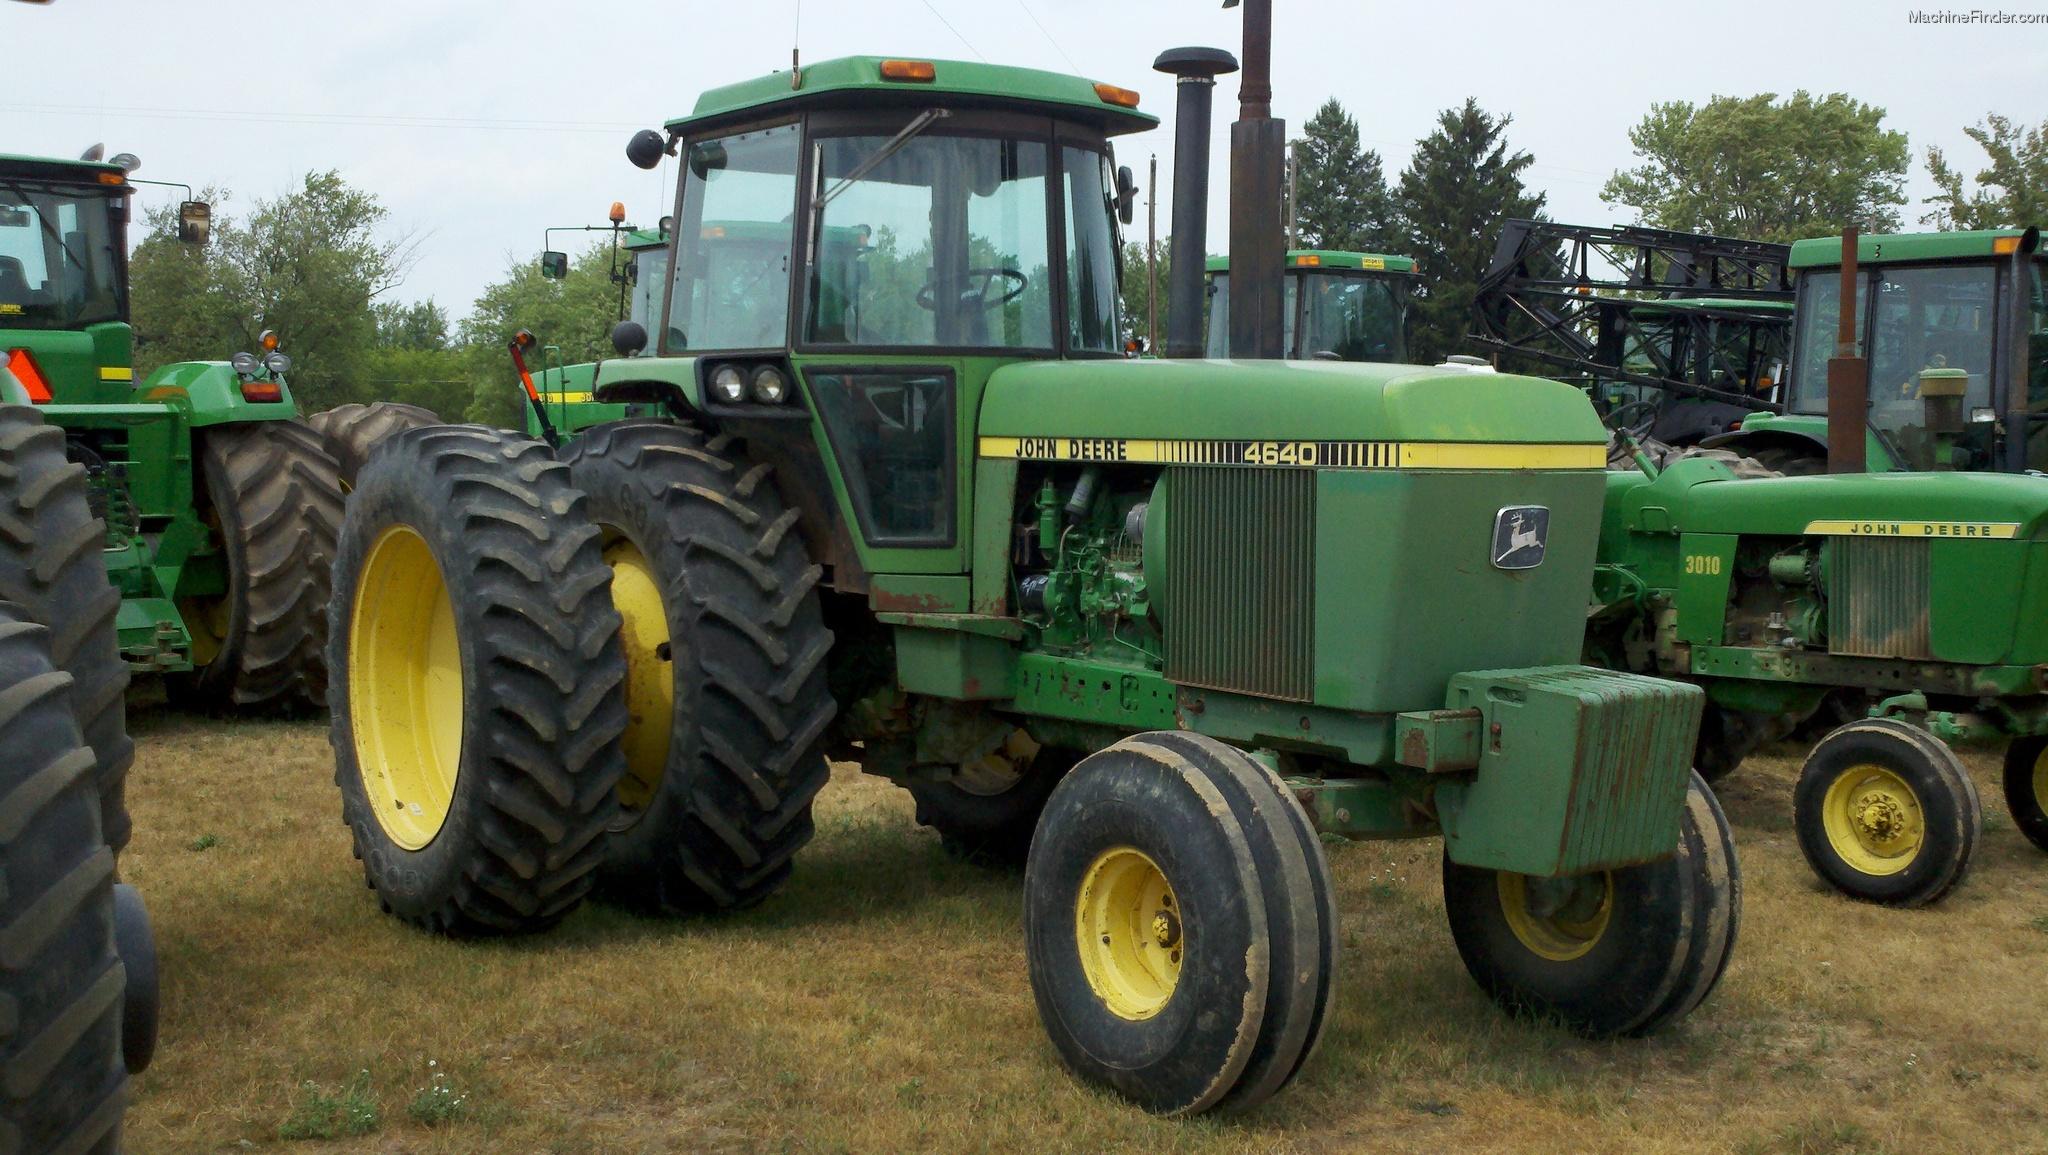 1978 John Deere 4640 Tractors - Row Crop (+100hp) - John ...